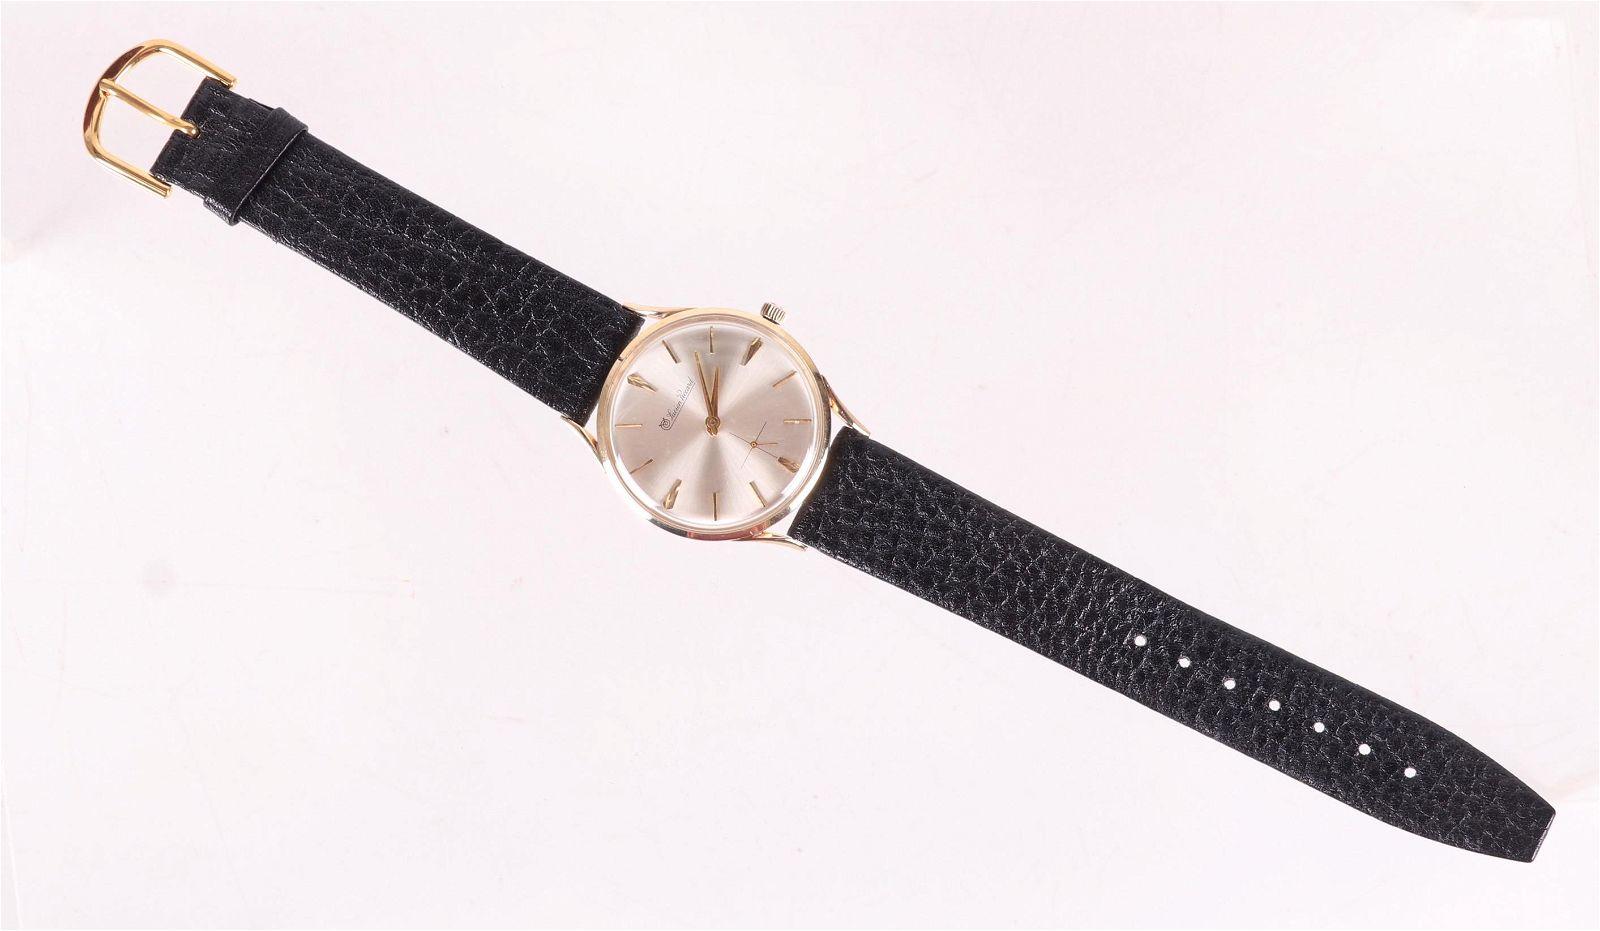 A Vintage Lucien Piccard 14k Gold Men's Watch